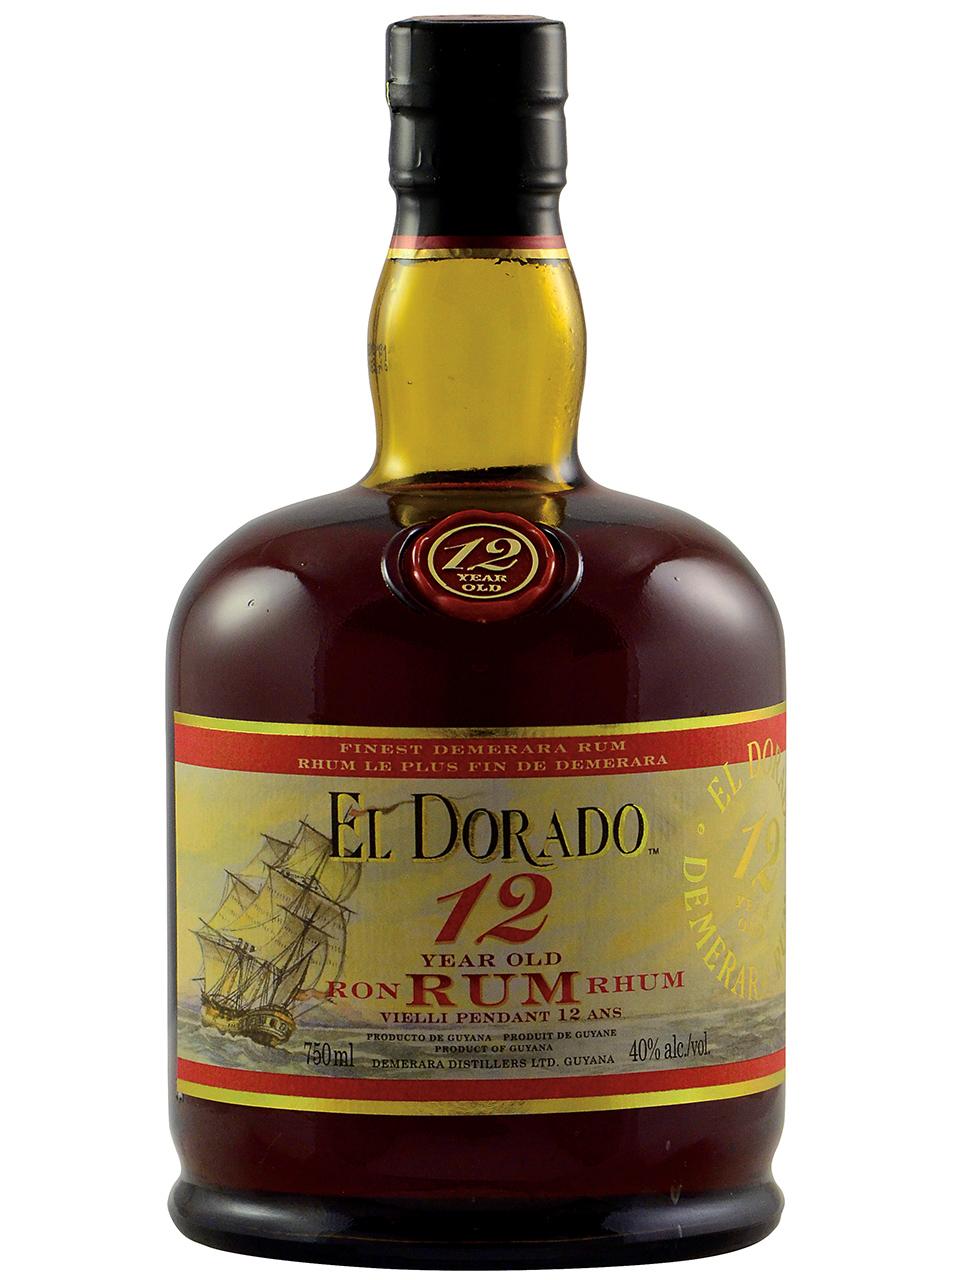 El Dorado 12 Year Old Rum